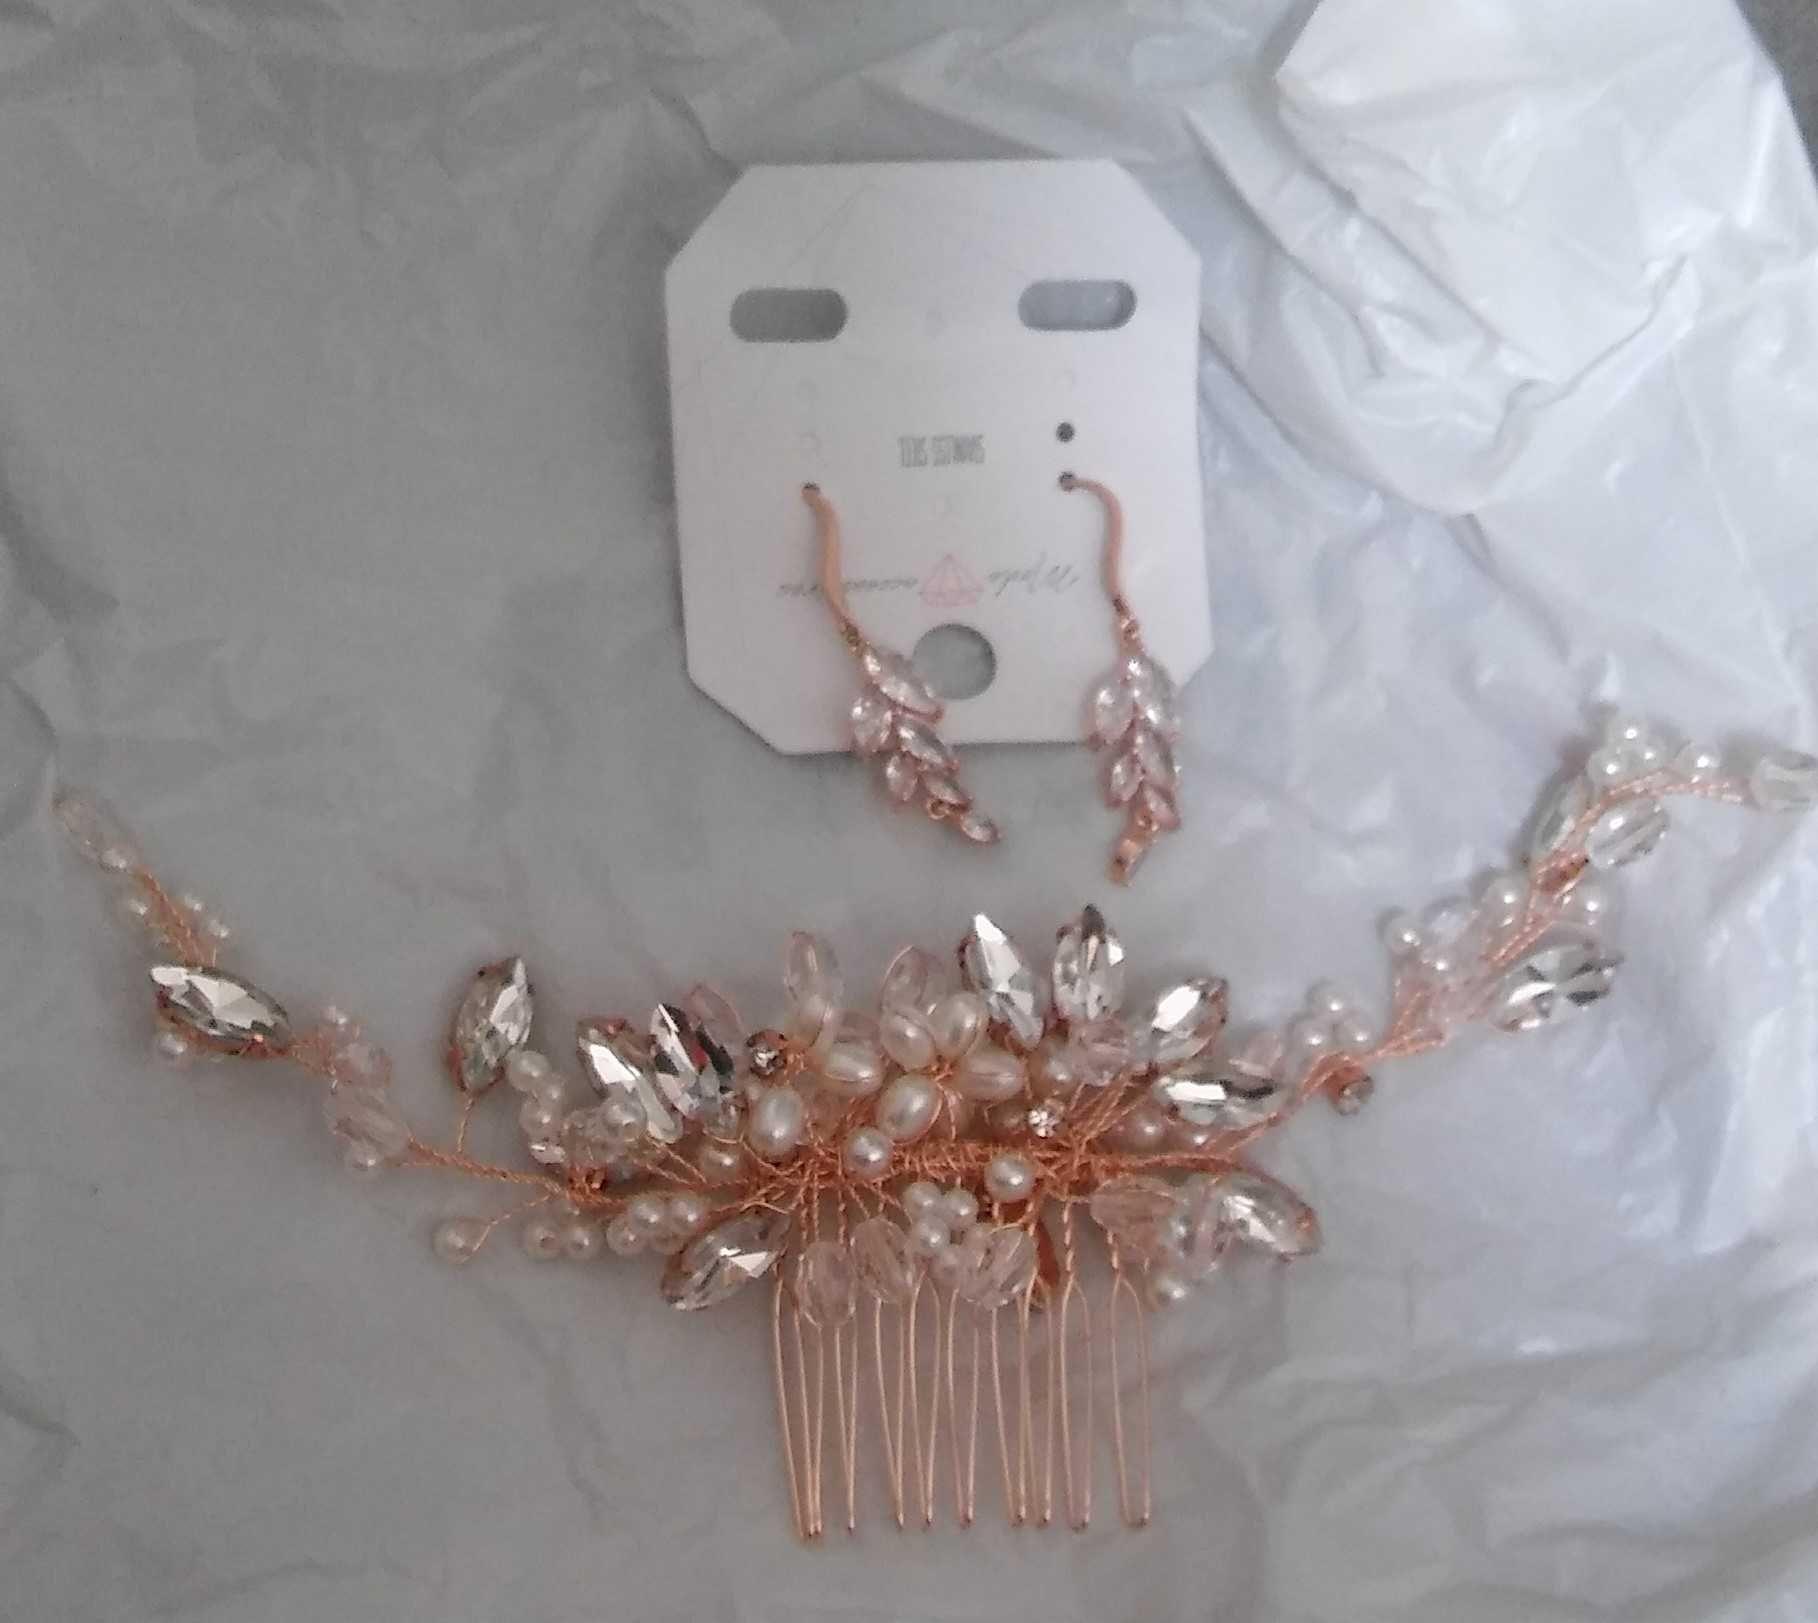 biżuteria ślubna rosegold/różowezłoto ozdoba do włosów/grzebykkolczyki